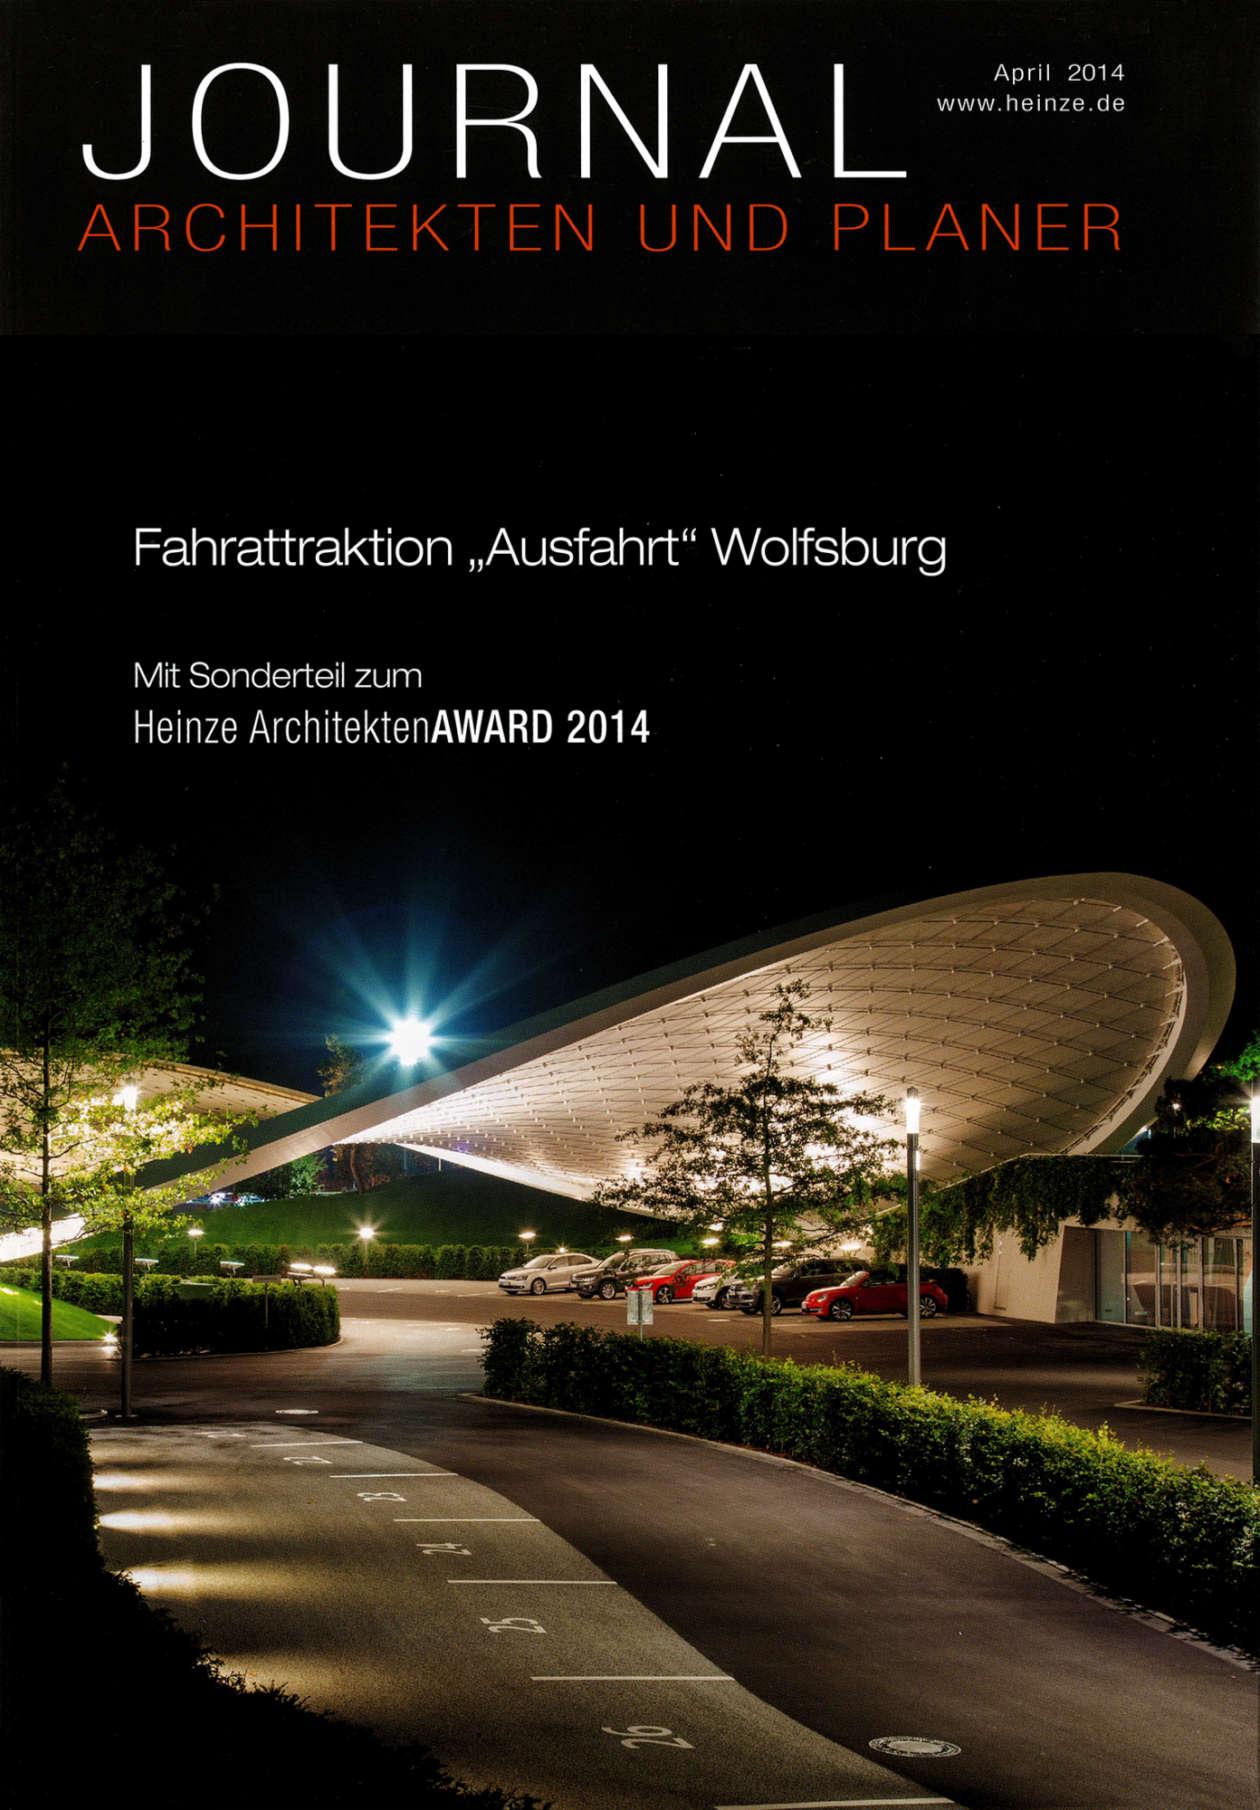 Journal Architekten Und Planer 01